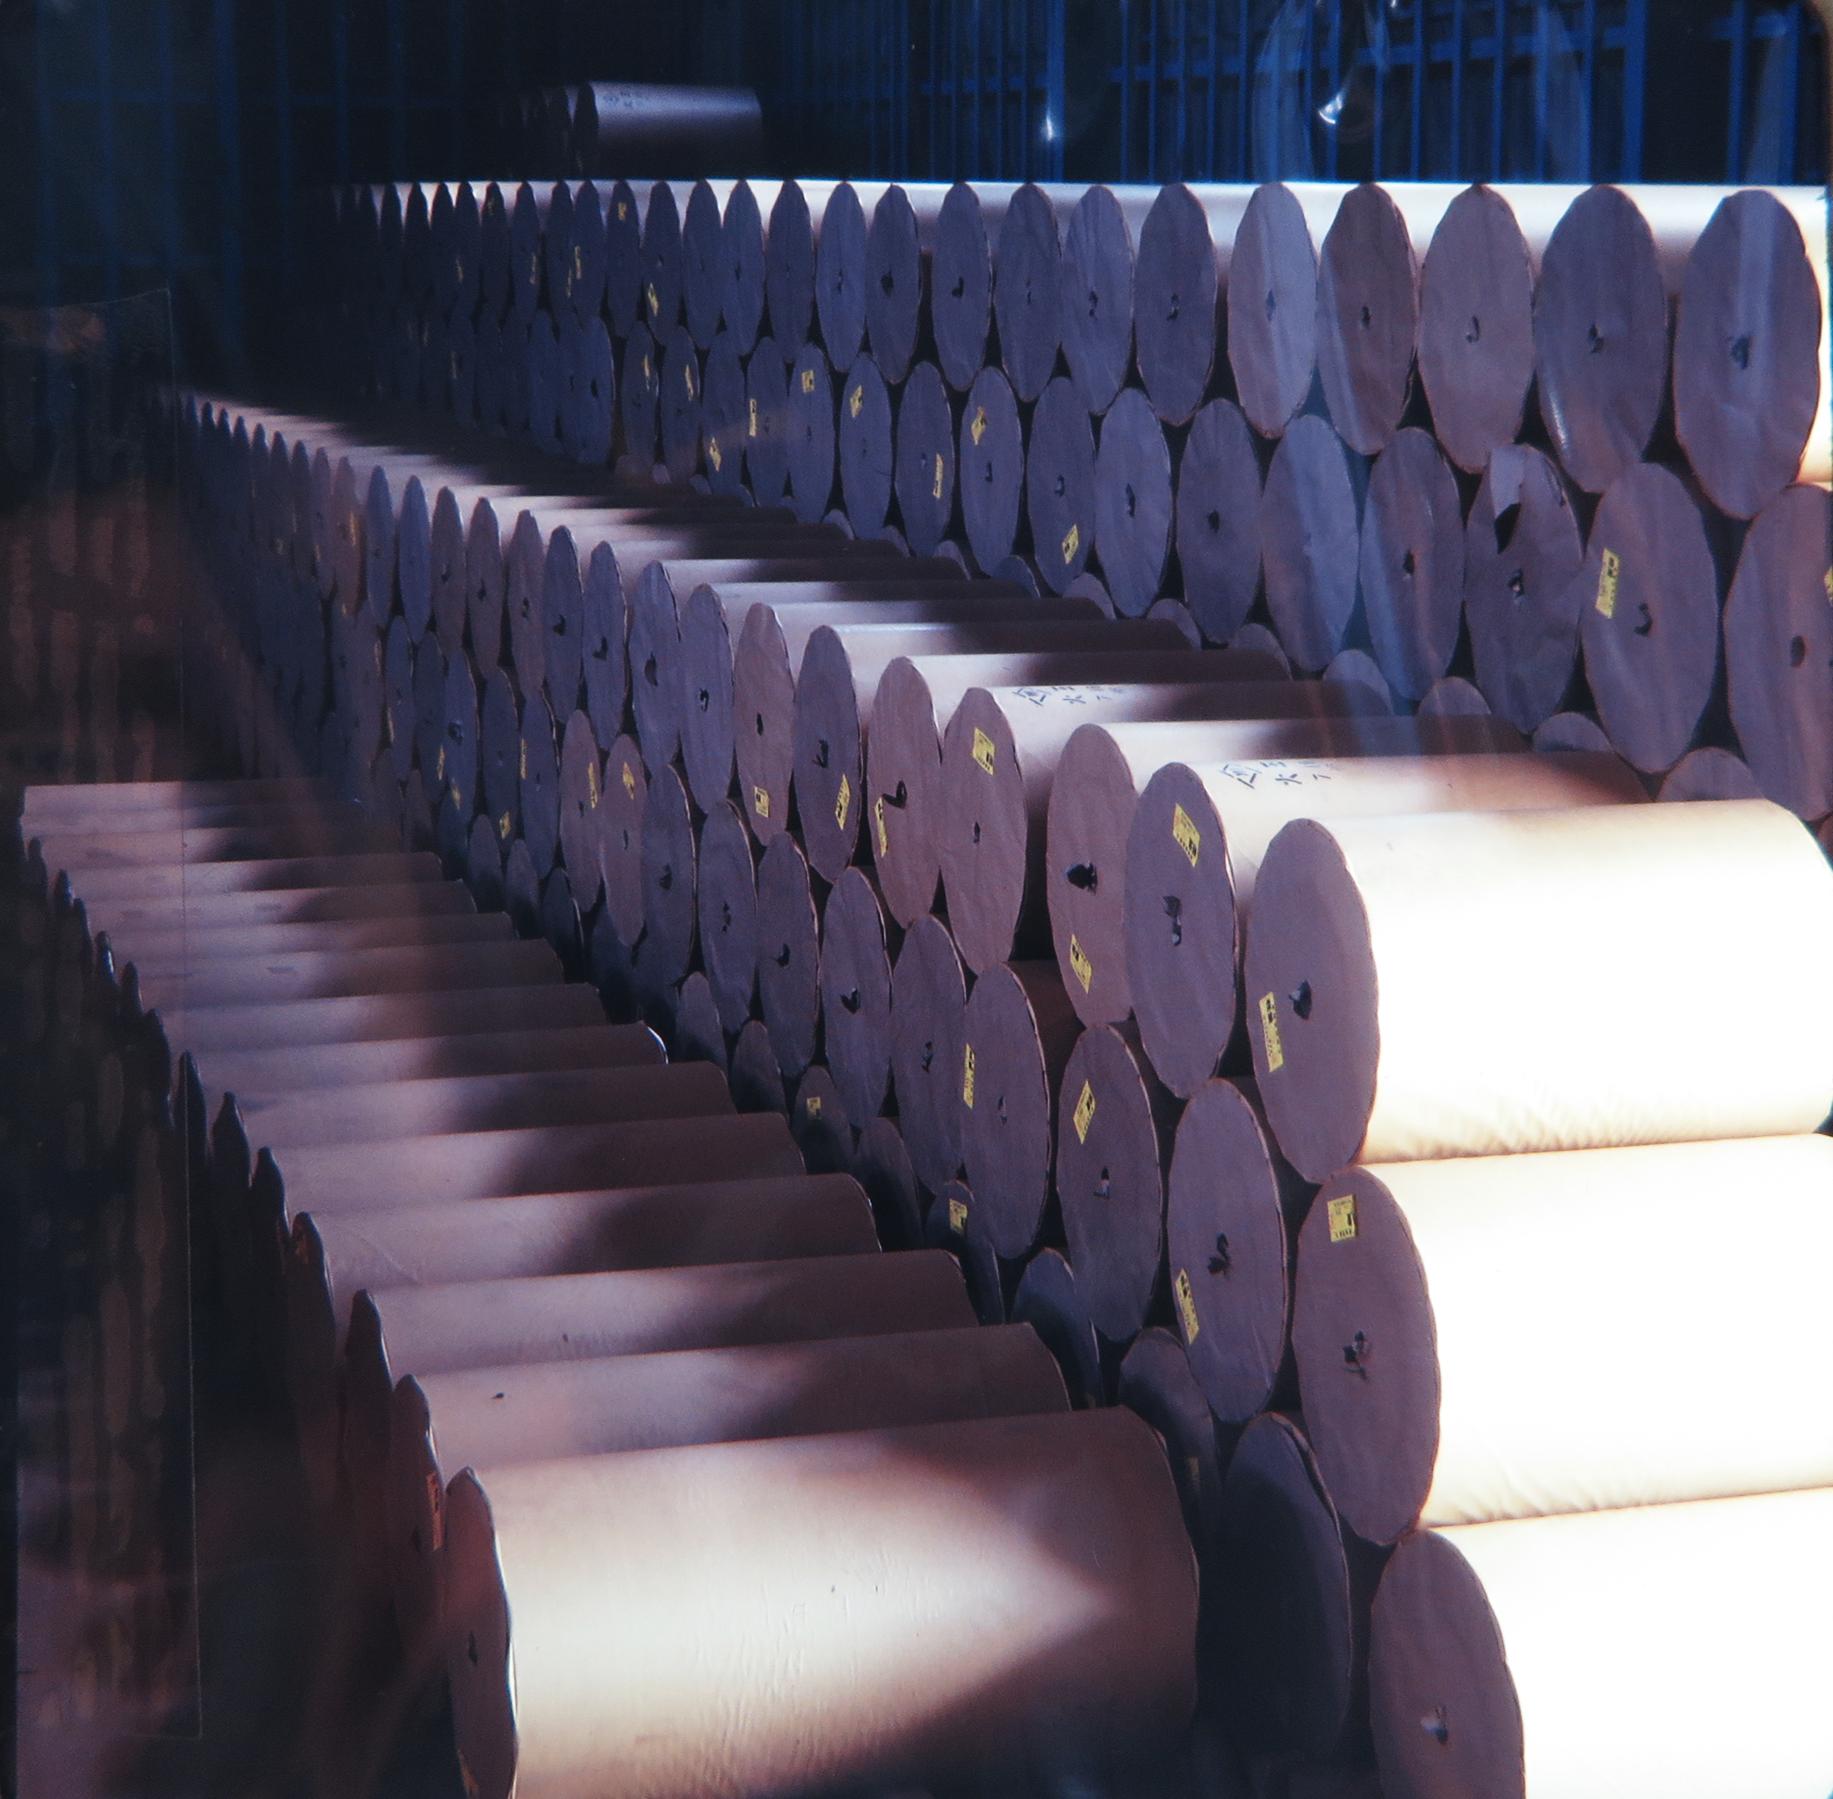 地元製紙メーカーの製紙原料